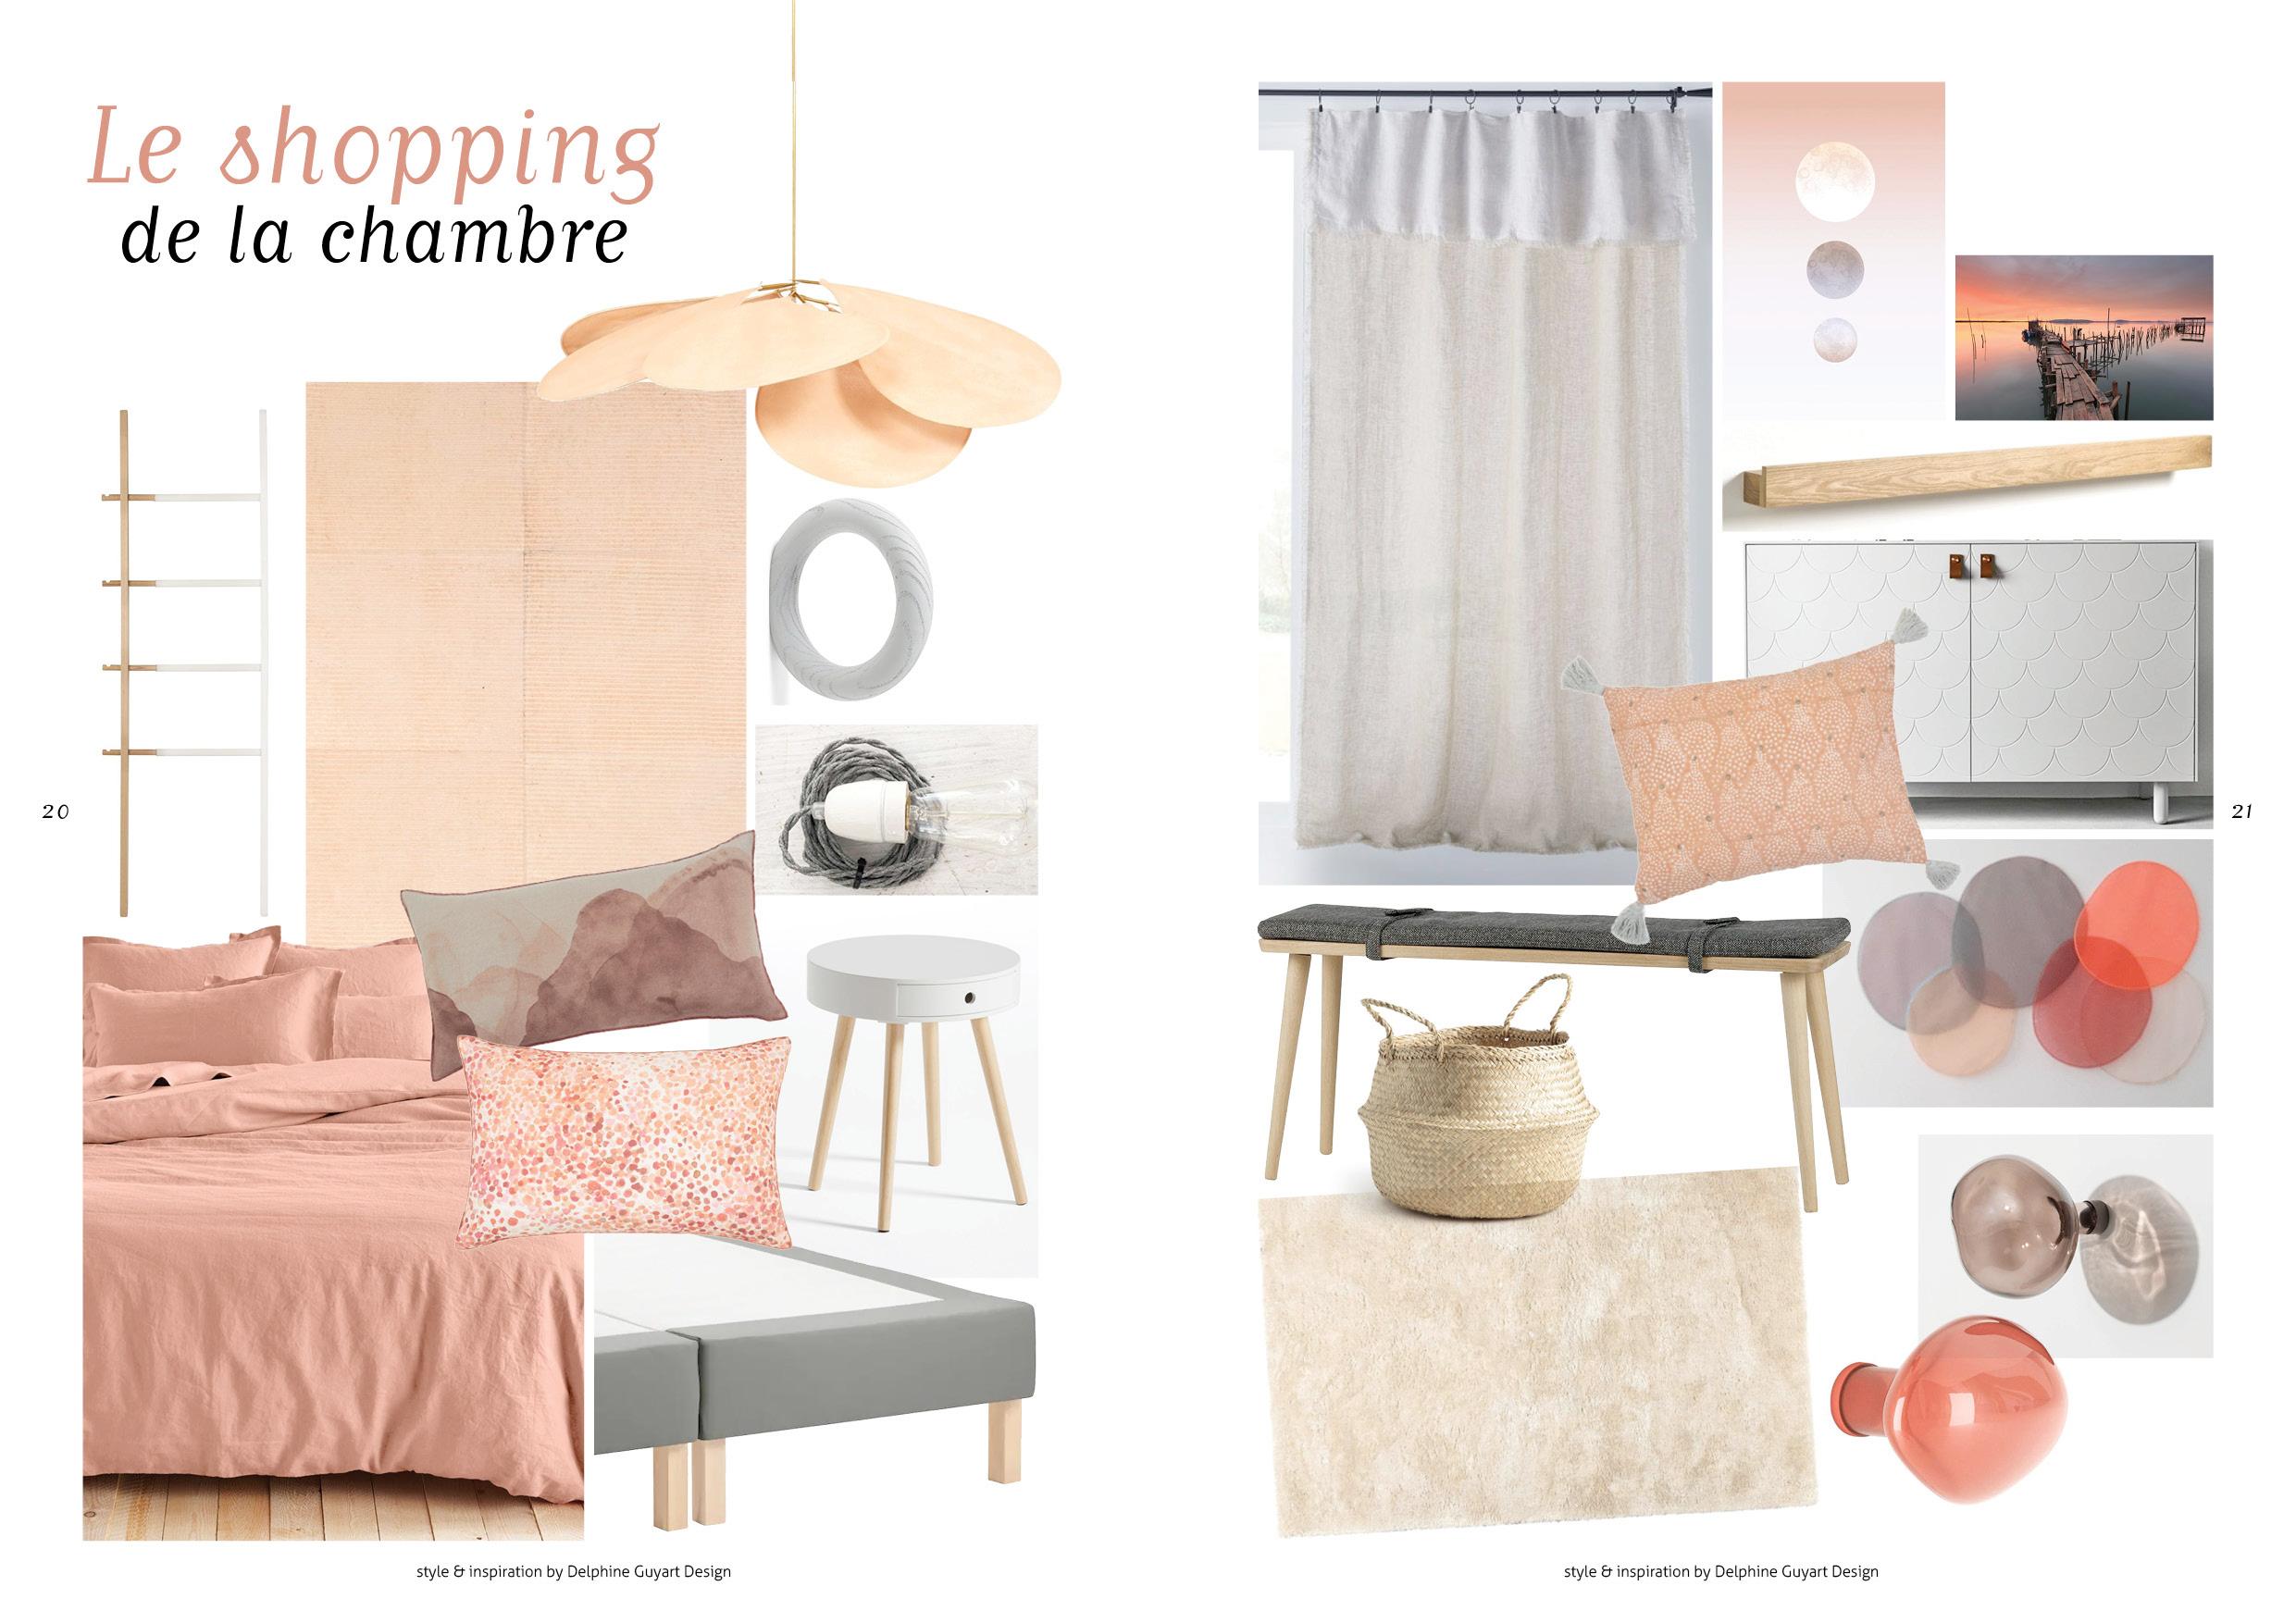 planche-shopping-chambre-©-delphineguyartdesign